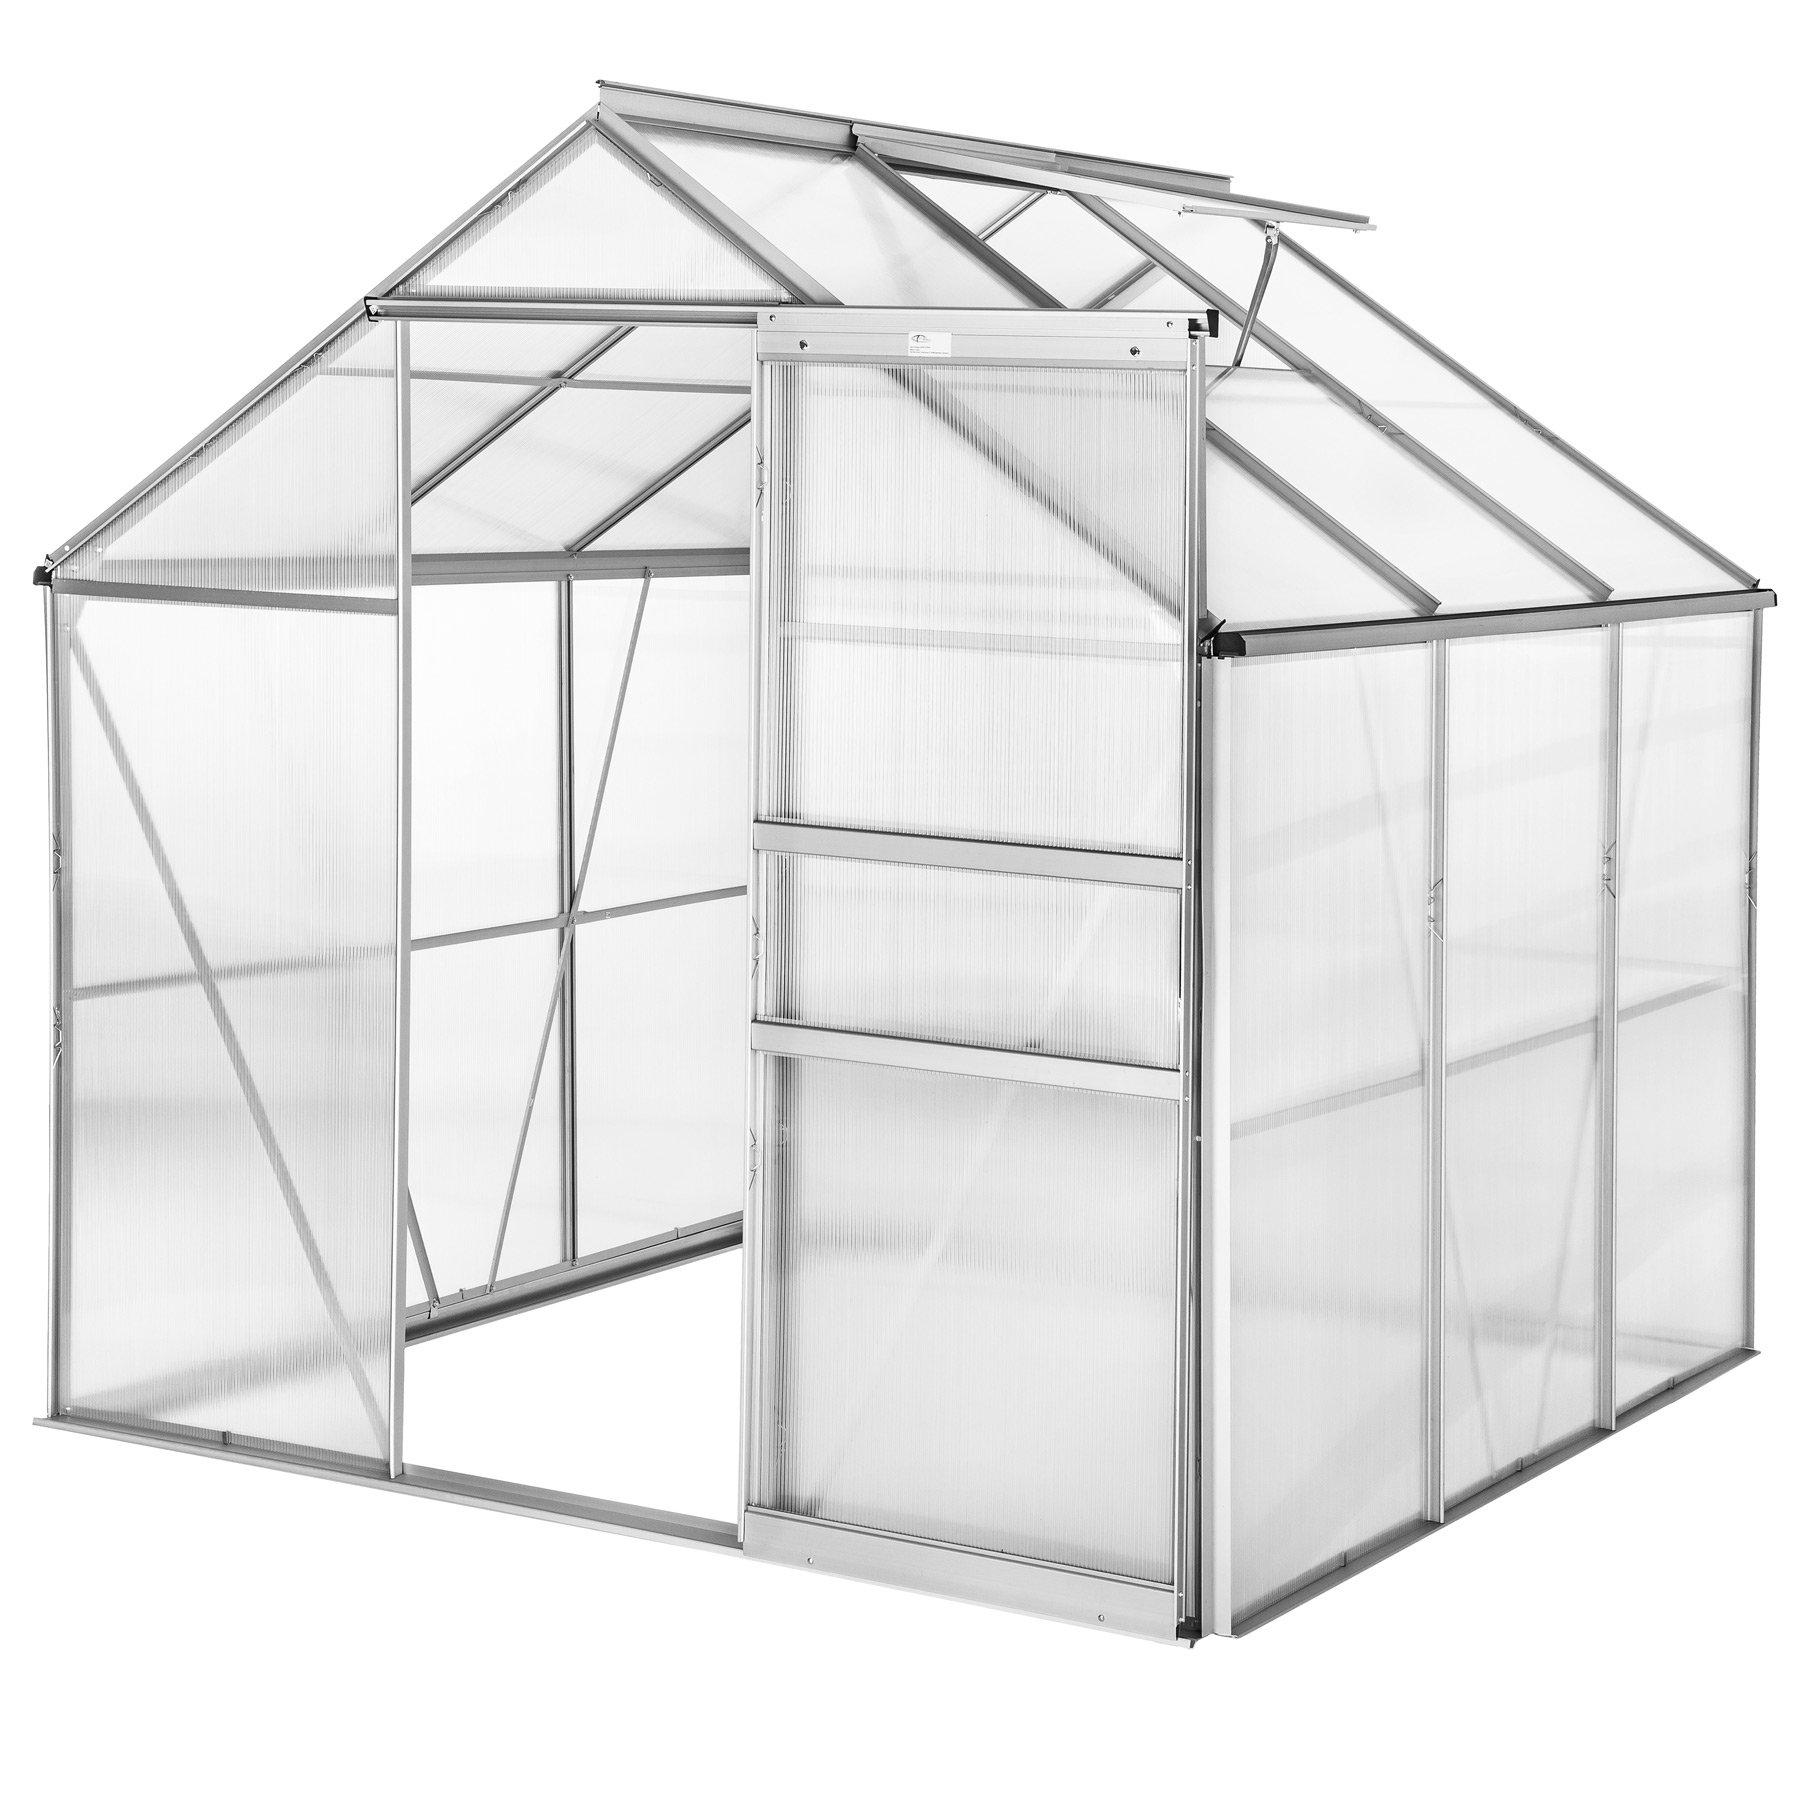 TecTake Invernadero de jardín policarbonato Transparente Aluminio casero Plantas Cultivos 5, 85m³ - Varios Modelos - (190x185x195 cm | no. 402473): Amazon.es: Jardín